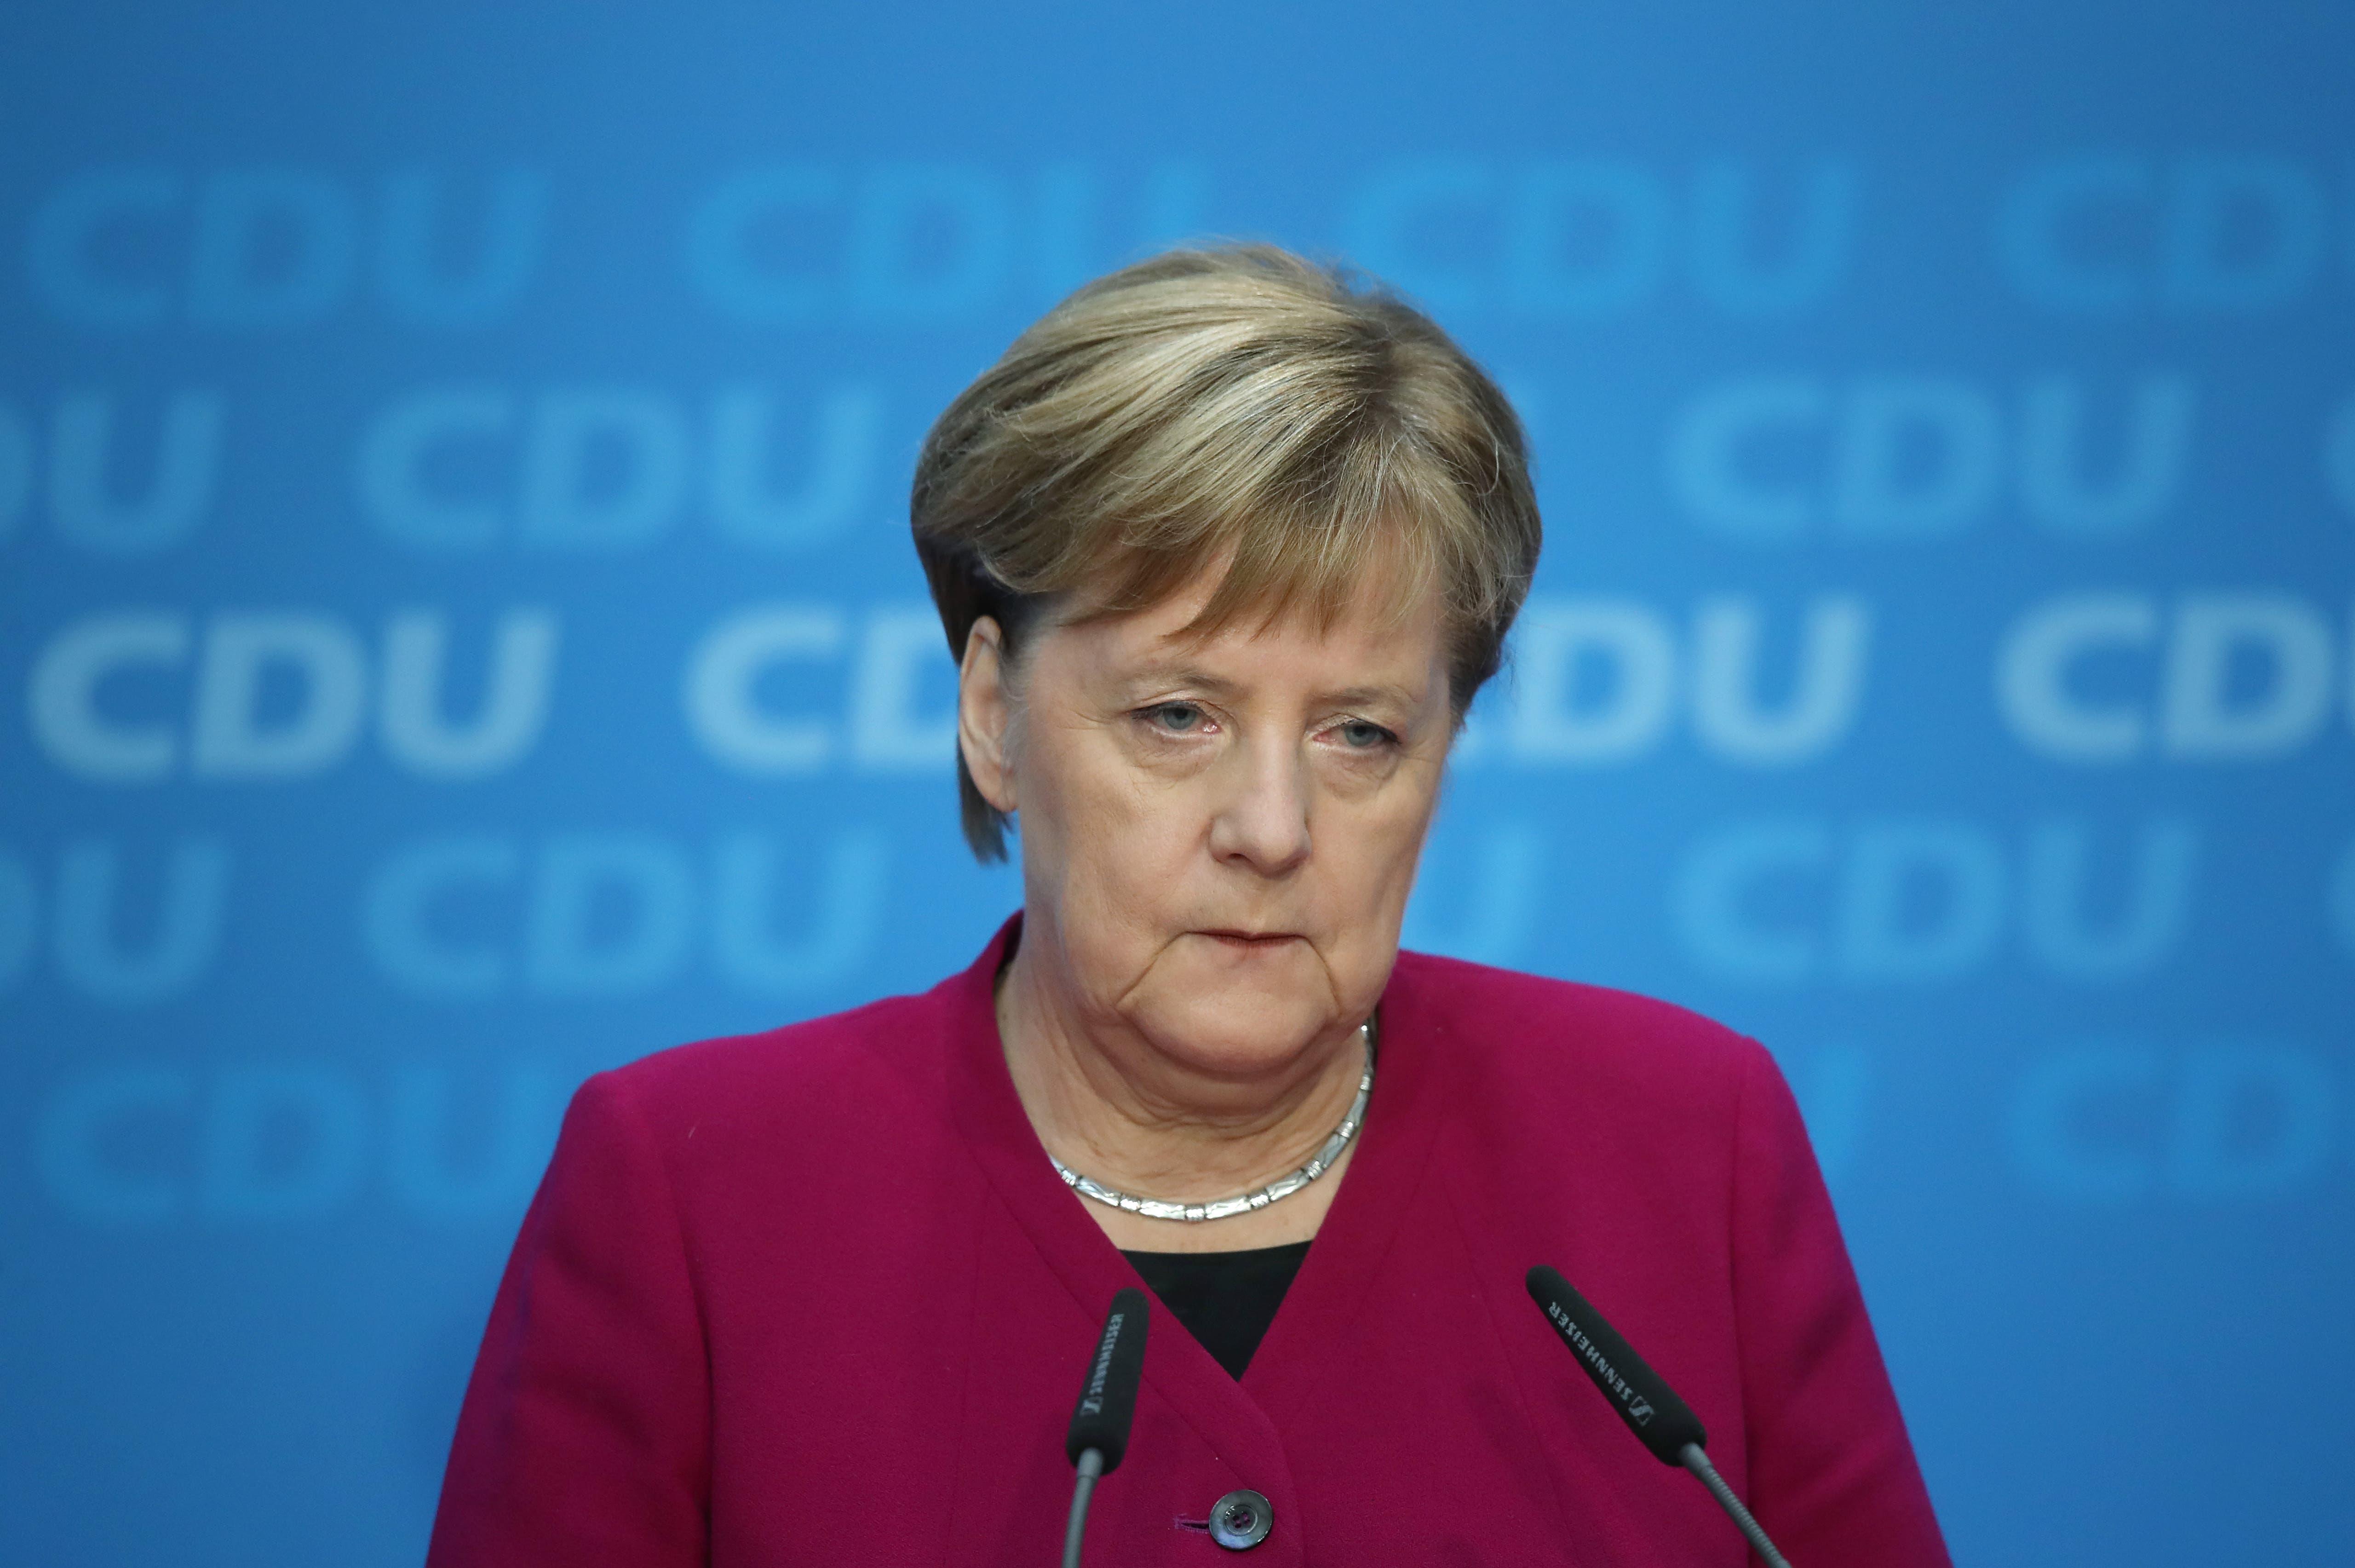 Die deutsche Bundeskanzlerin Angela Merkel wird nach den massiven Stimmenverlusten ihrer Partei bei der Landtagswahl in Hessen den CDU-Bundesvorsitz abgeben. Bundeskanzlerin will sie nur noch bis zum Ende der Legislaturperiode bleiben.  (Bild: Sean Gallup/Getty Images)